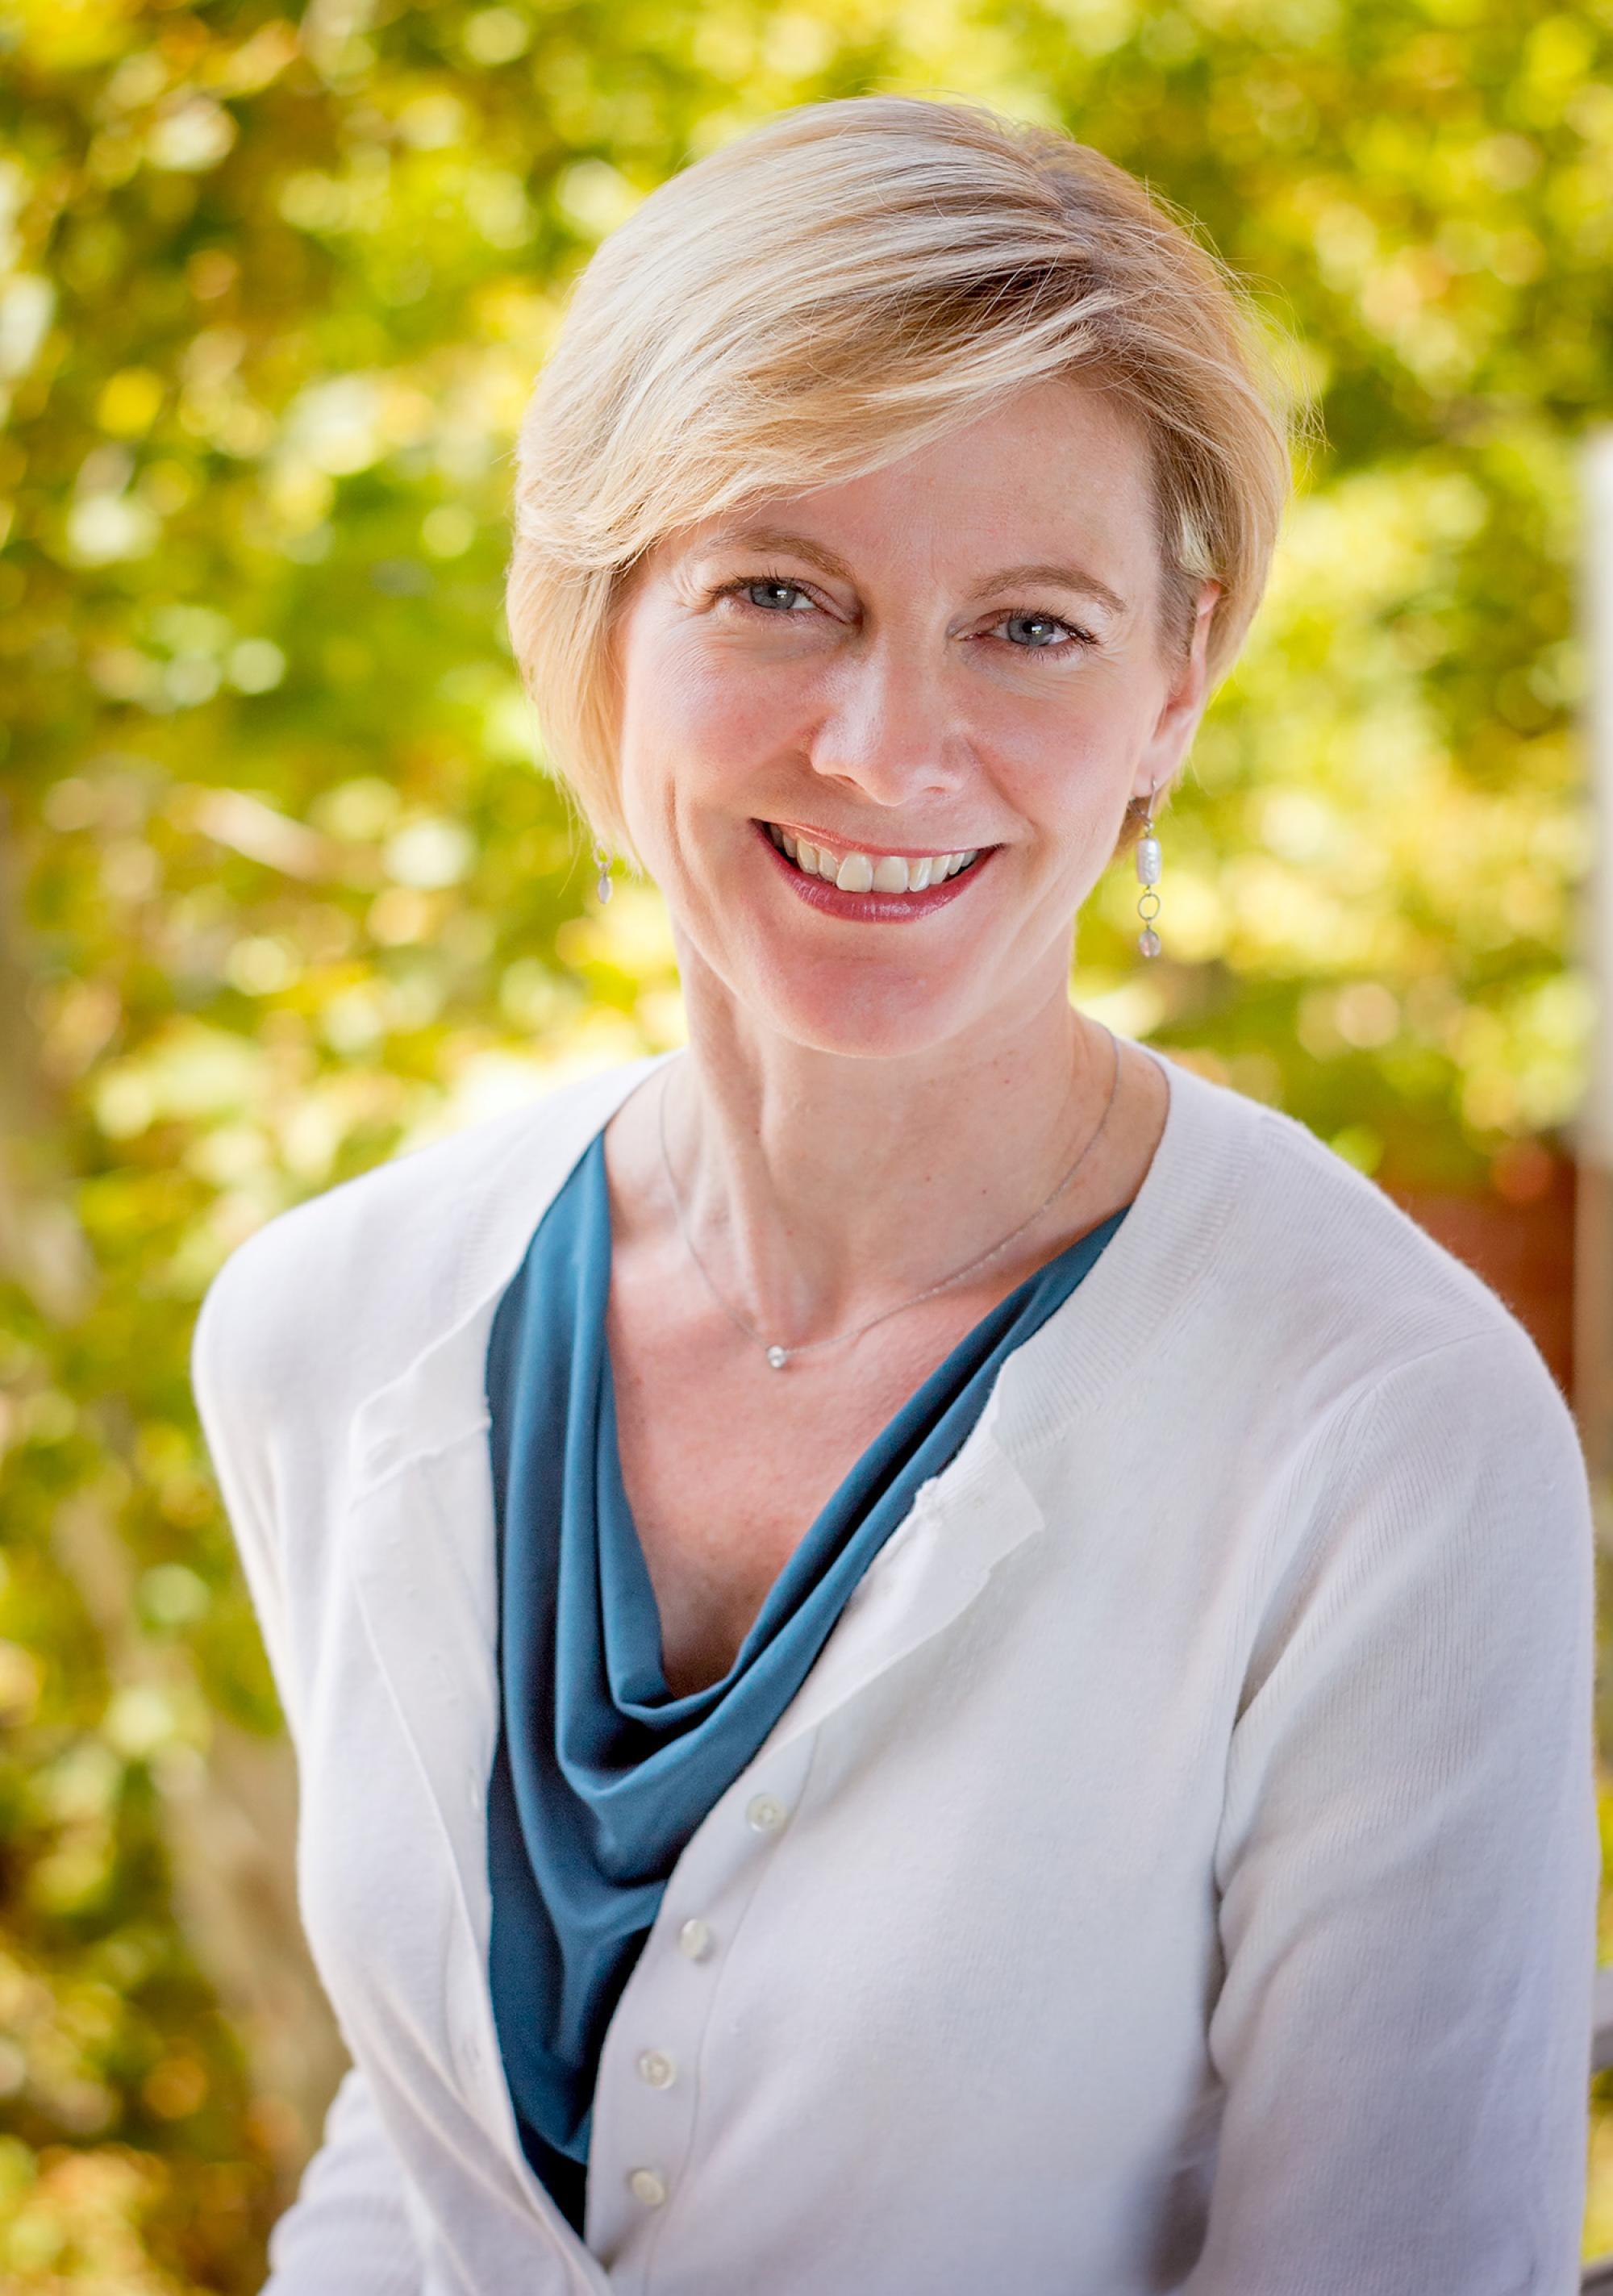 Felicia Goodrum